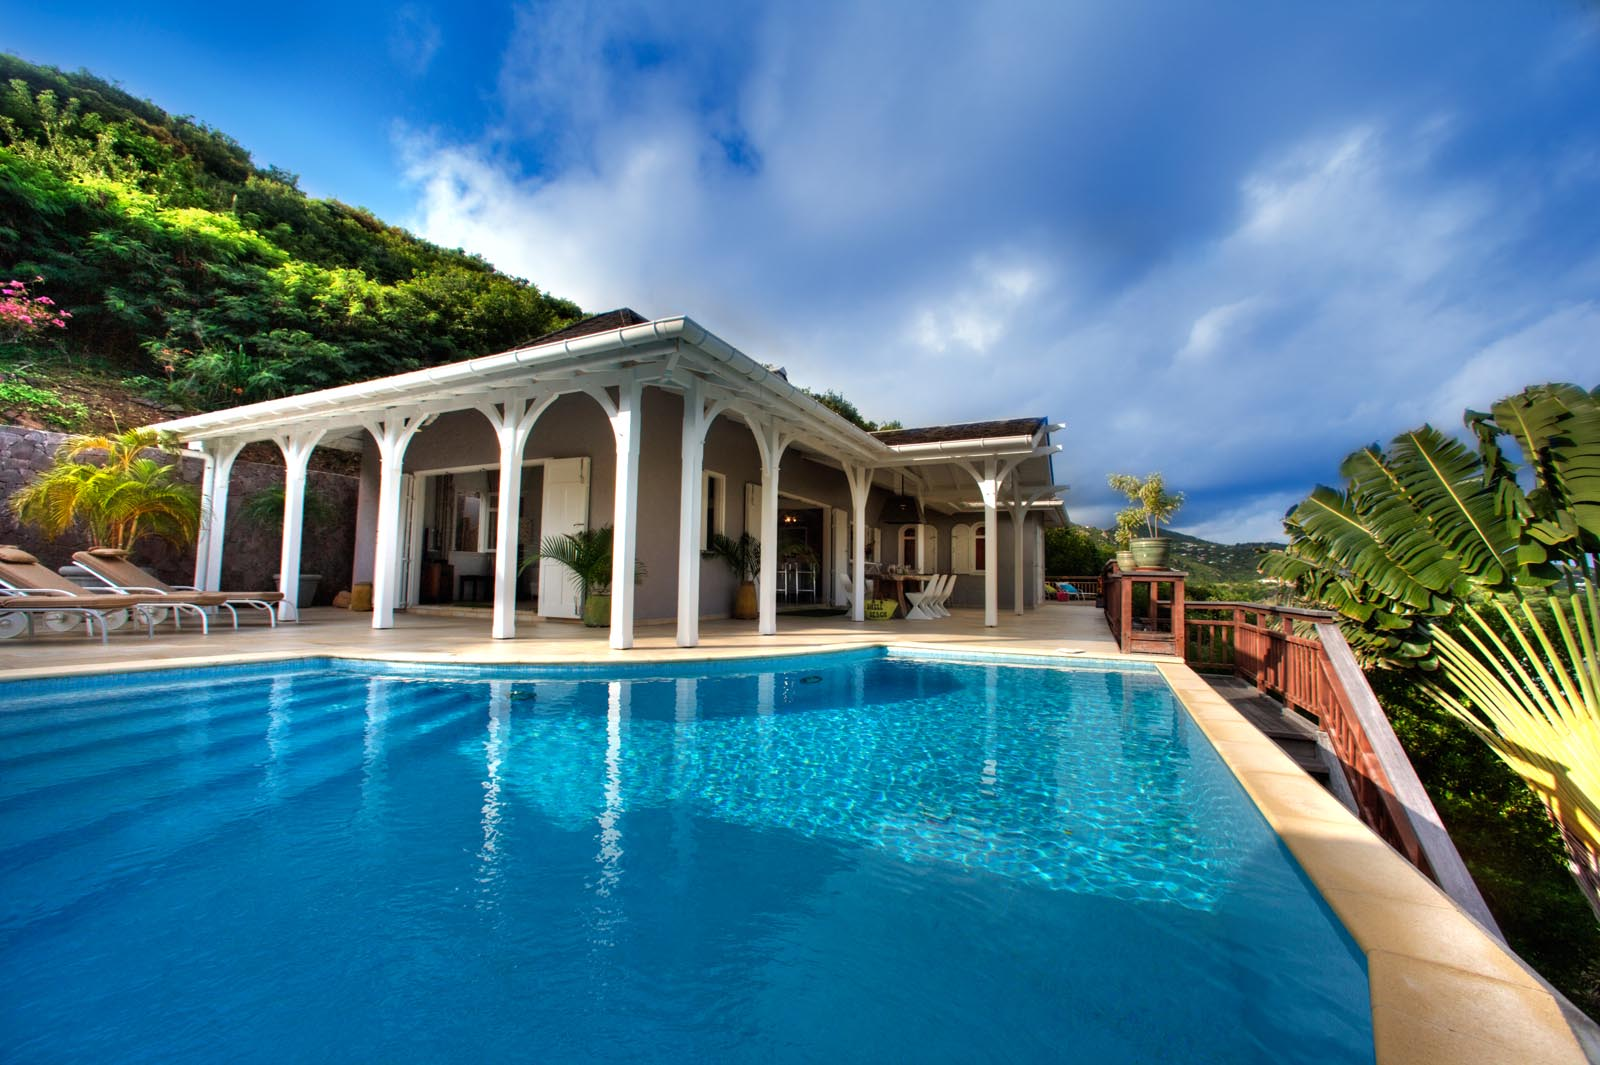 Villa Small Lagoon Levant Estate Petit Cul De Sac St